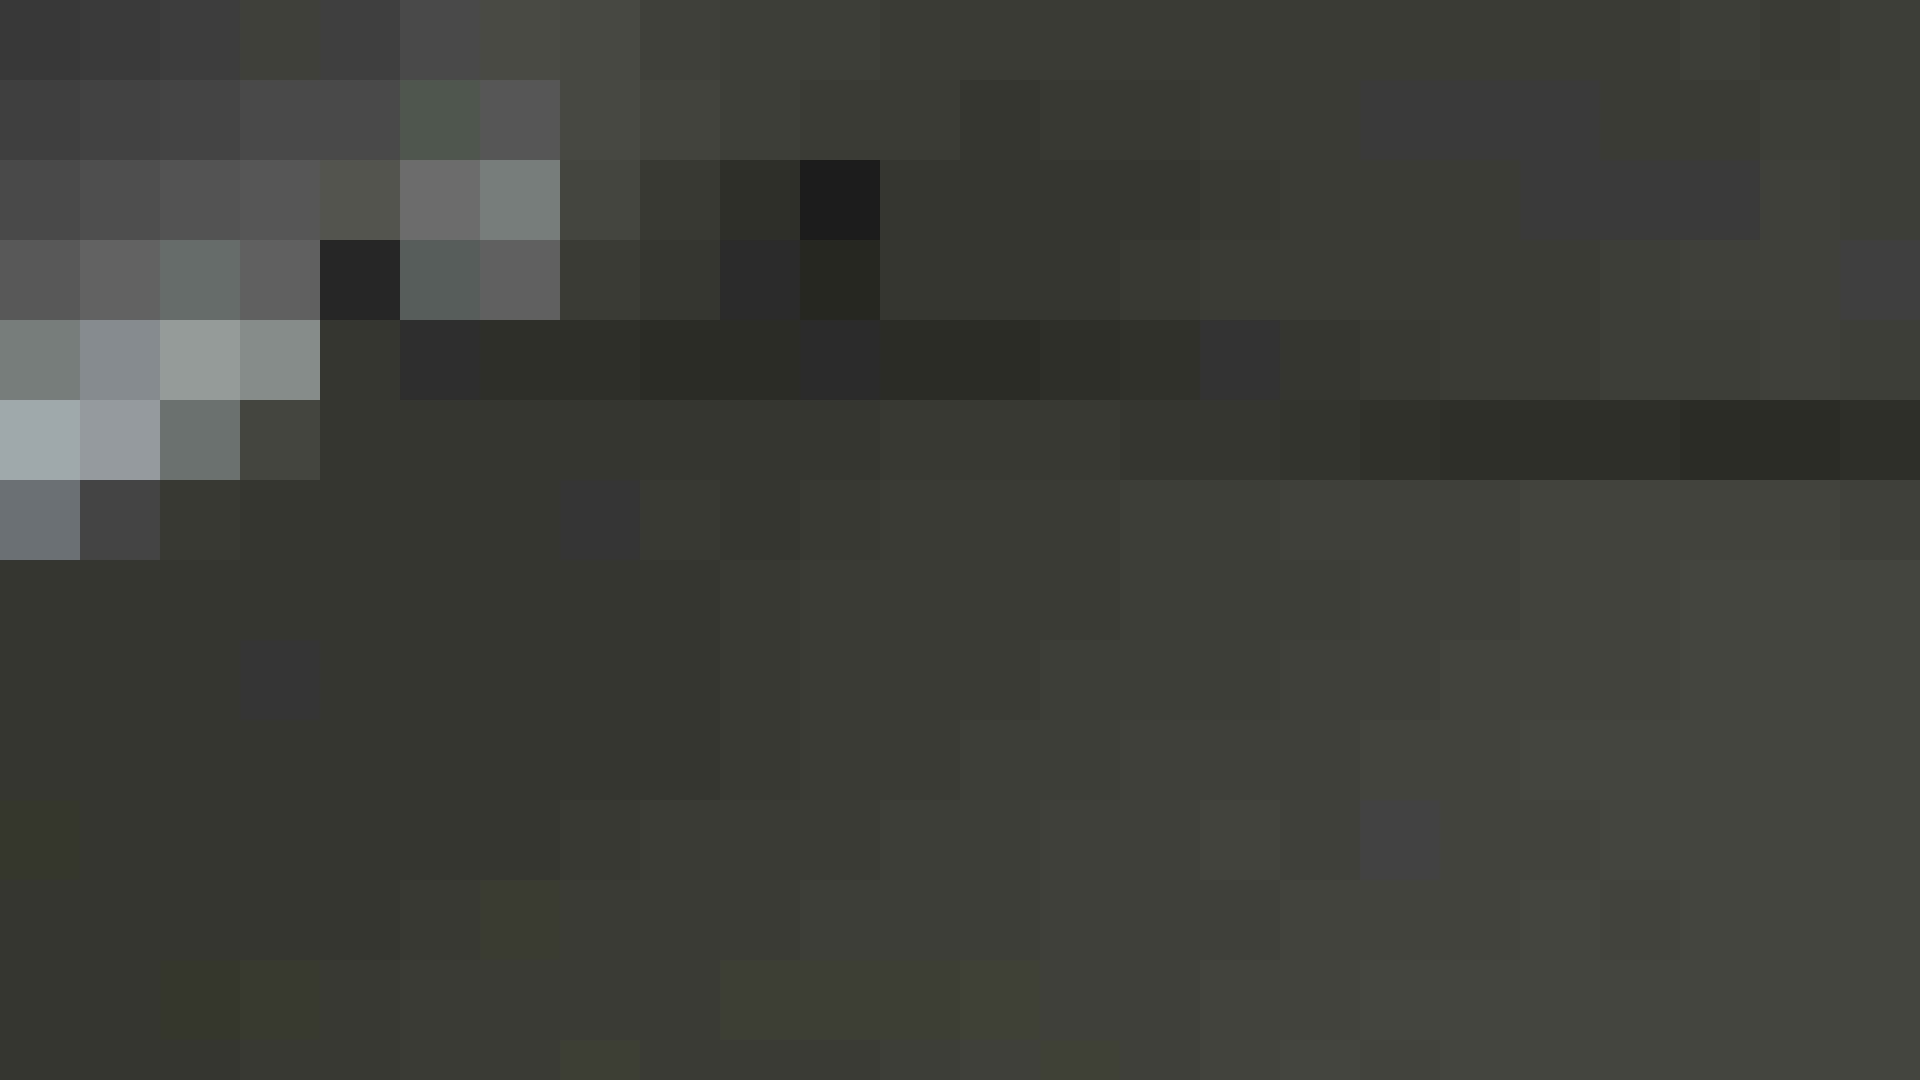 お市さんの「お尻丸出しジャンボリー」No.4 洗面所 われめAV動画紹介 104画像 98